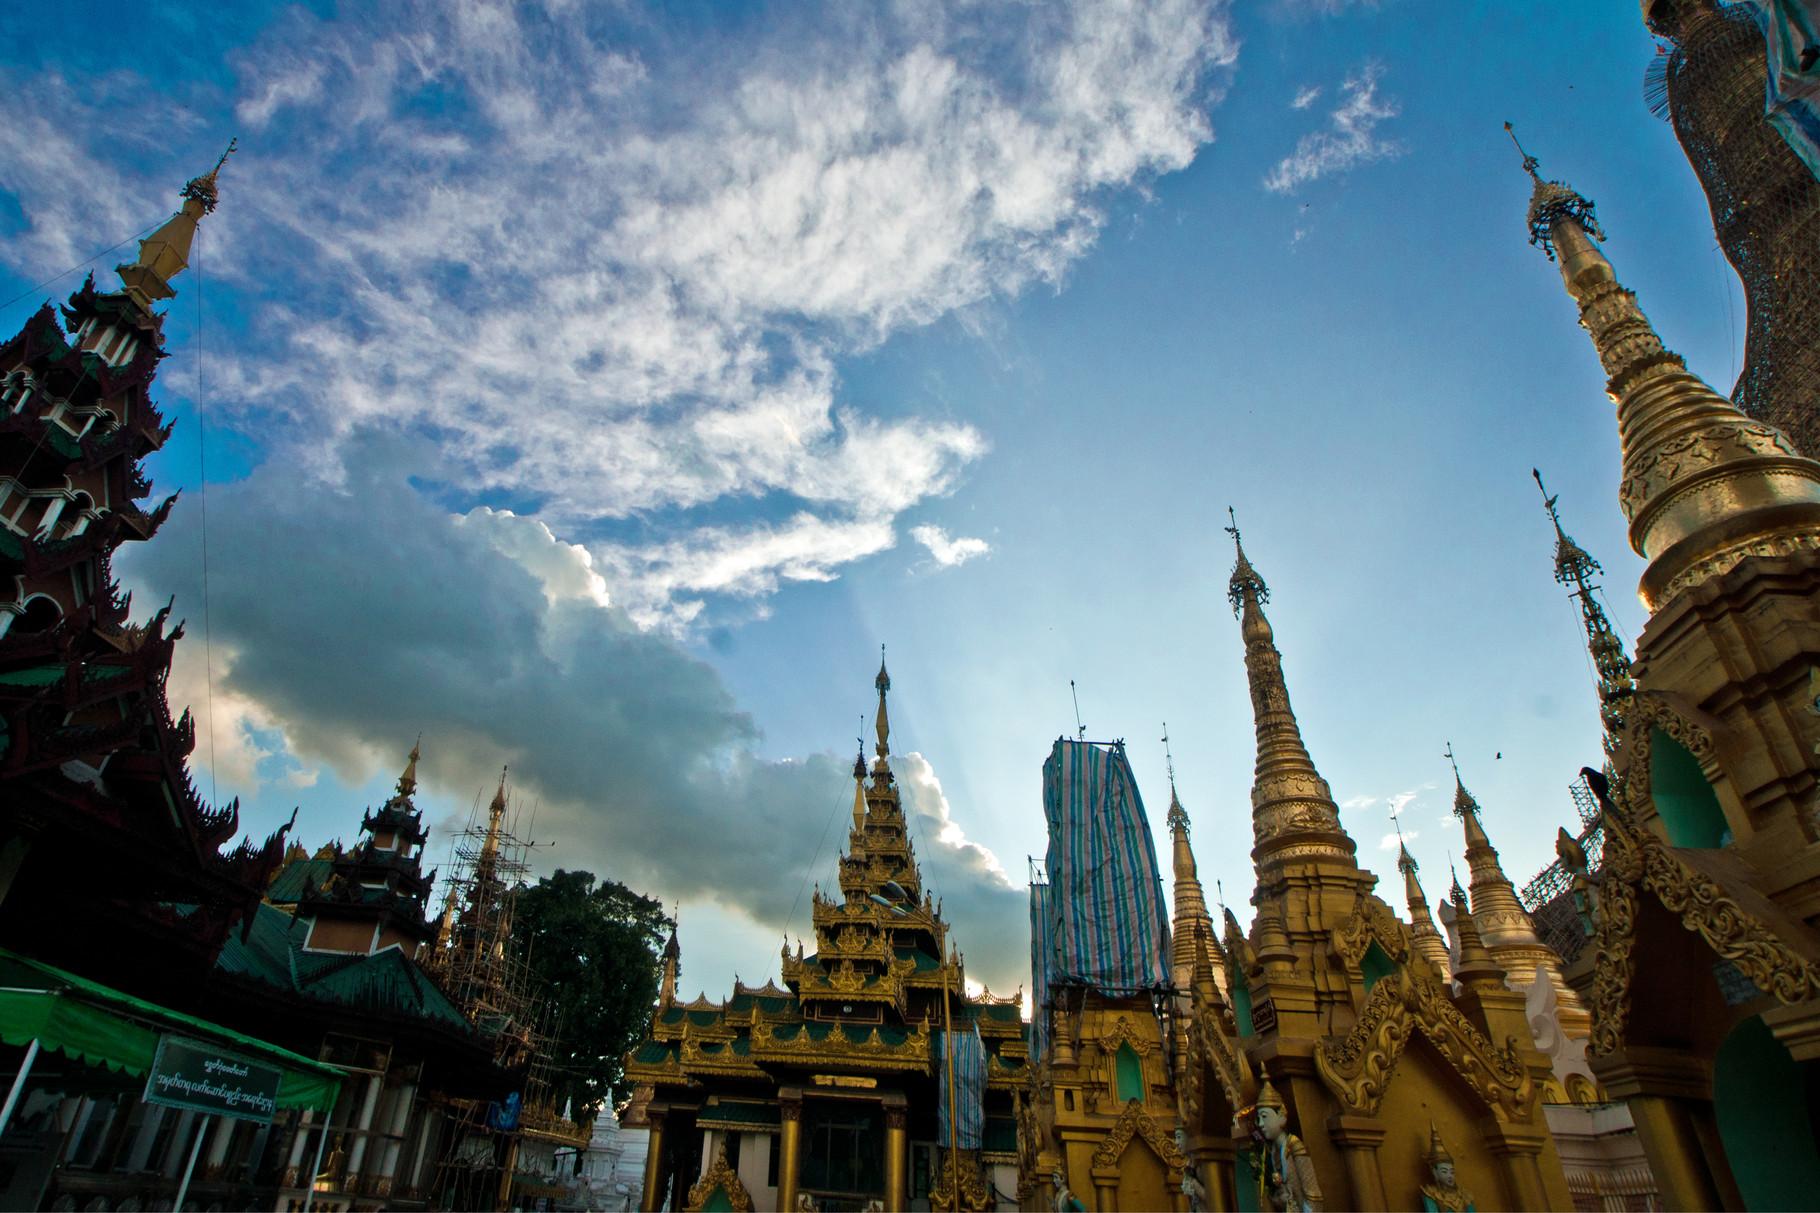 Umgebung der Shwedagonpagode